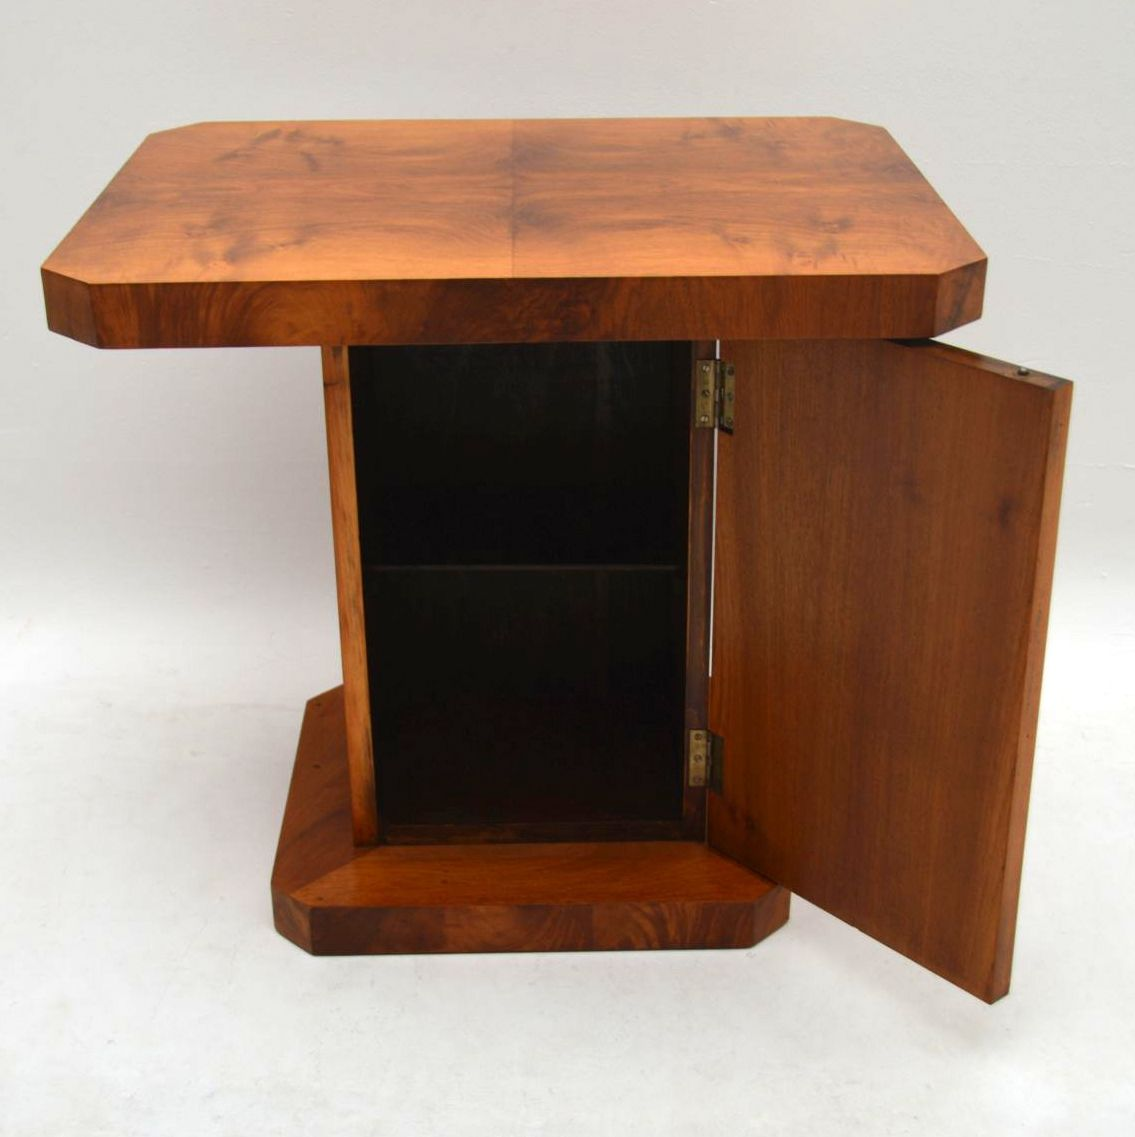 Art Deco Figured Walnut Coffee Table / Cabinet Vintage